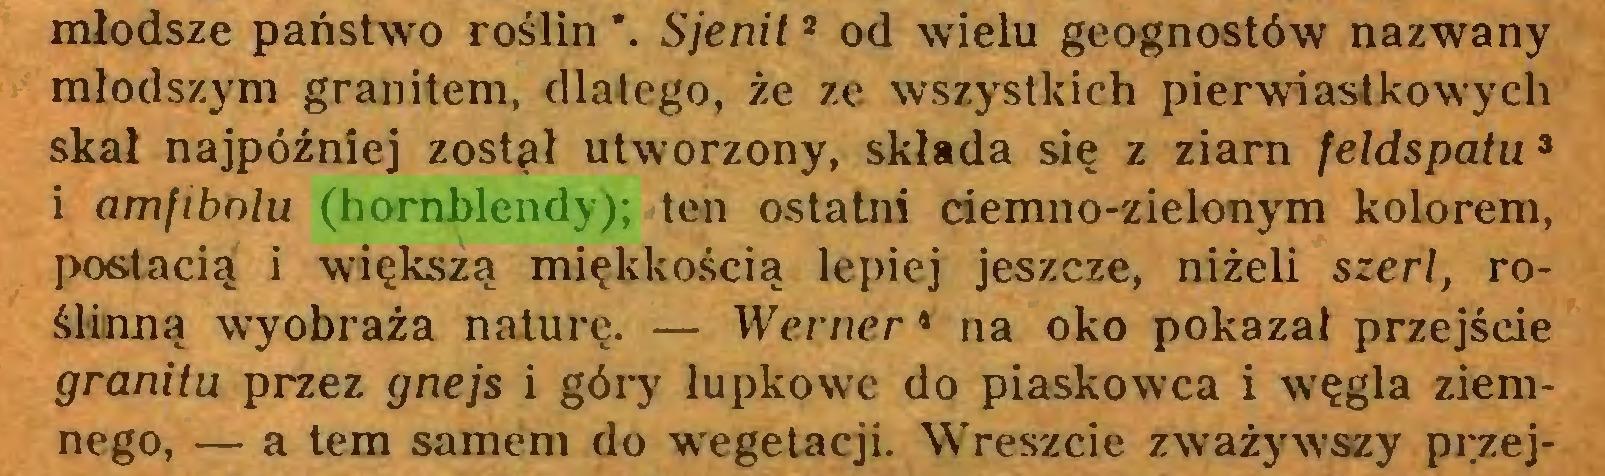 (...) młodsze państwo roślin *. Sjenit3 od wielu geognostów nazwany młodszym granitem, dlatego, że ze wszystkich pierwiastko wy cli skał najpóźniej zostął utworzony, składa się z ziarn feldspatu1  2 3 i amfibolu (hornblendy); ten ostatni ciemno-zielonym kolorem, postacią i większą miękkością lepiej jeszcze, niżeli szerl, roślinną wyobraża naturę. — Werner 4 na oko pokazał przejście granitu przez gnejs i góry łupkowe do piaskowca i węgla ziemnego, — a tern samem do wegetacji. Wreszcie zważywszy przej...